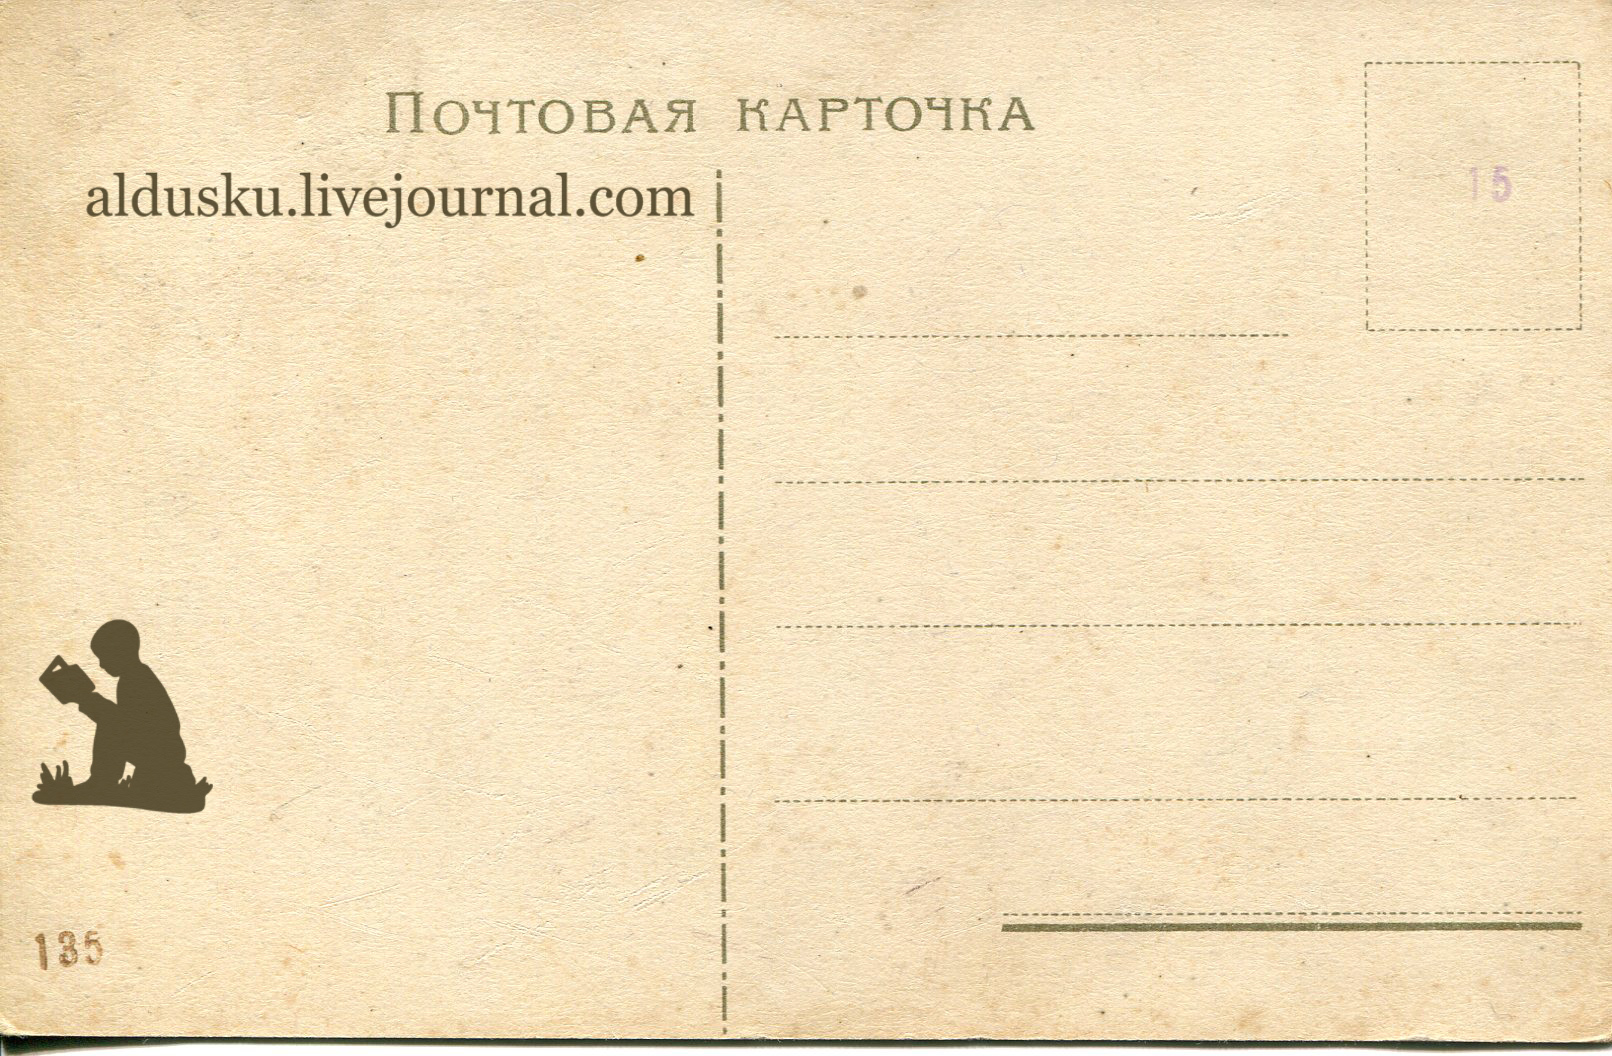 Картинка обратной стороны открытки